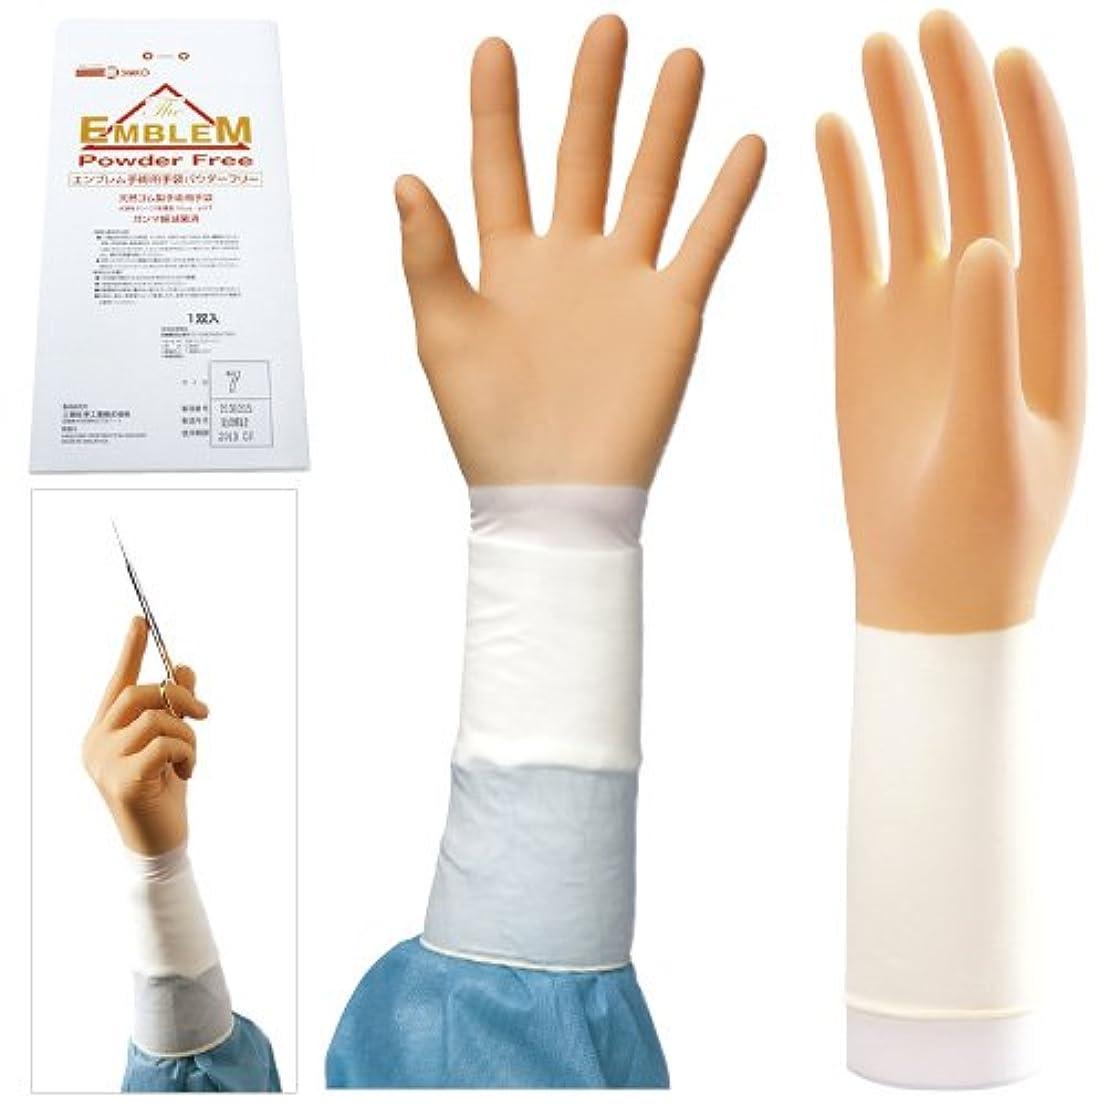 定義噴出するチャップエンブレム手術用手袋 パウダーフリー NEW(20双入) 6